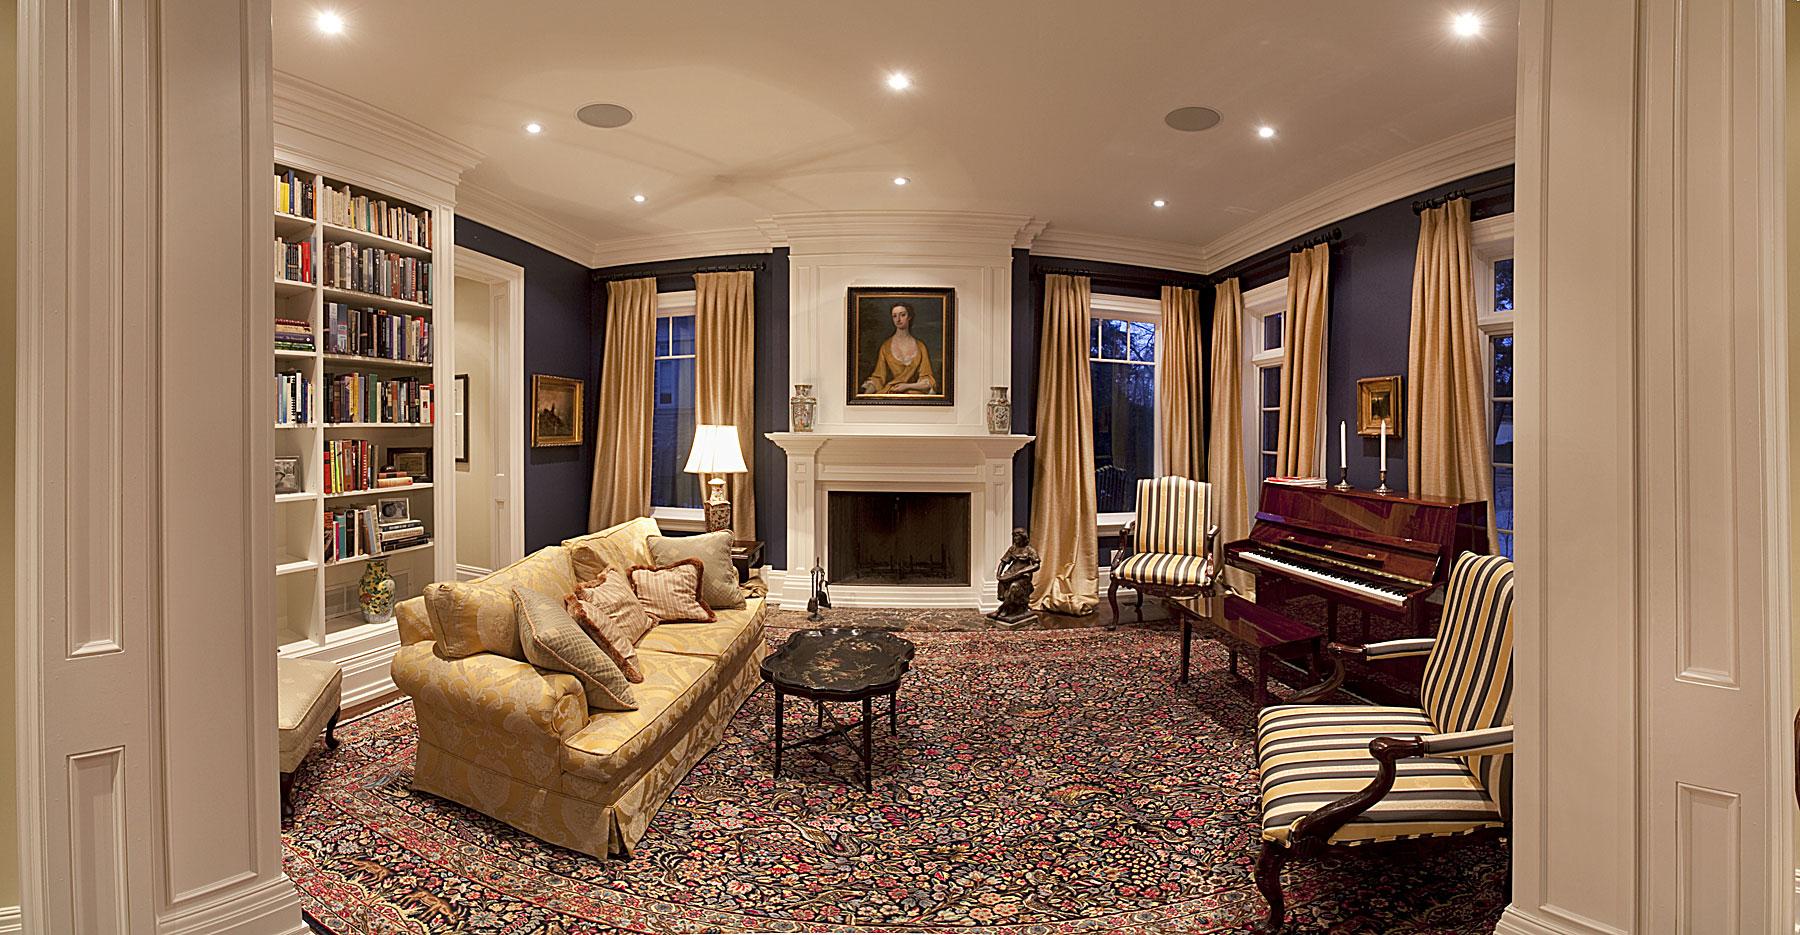 100 a livingroom hush 7 ny spots careful you might wanna